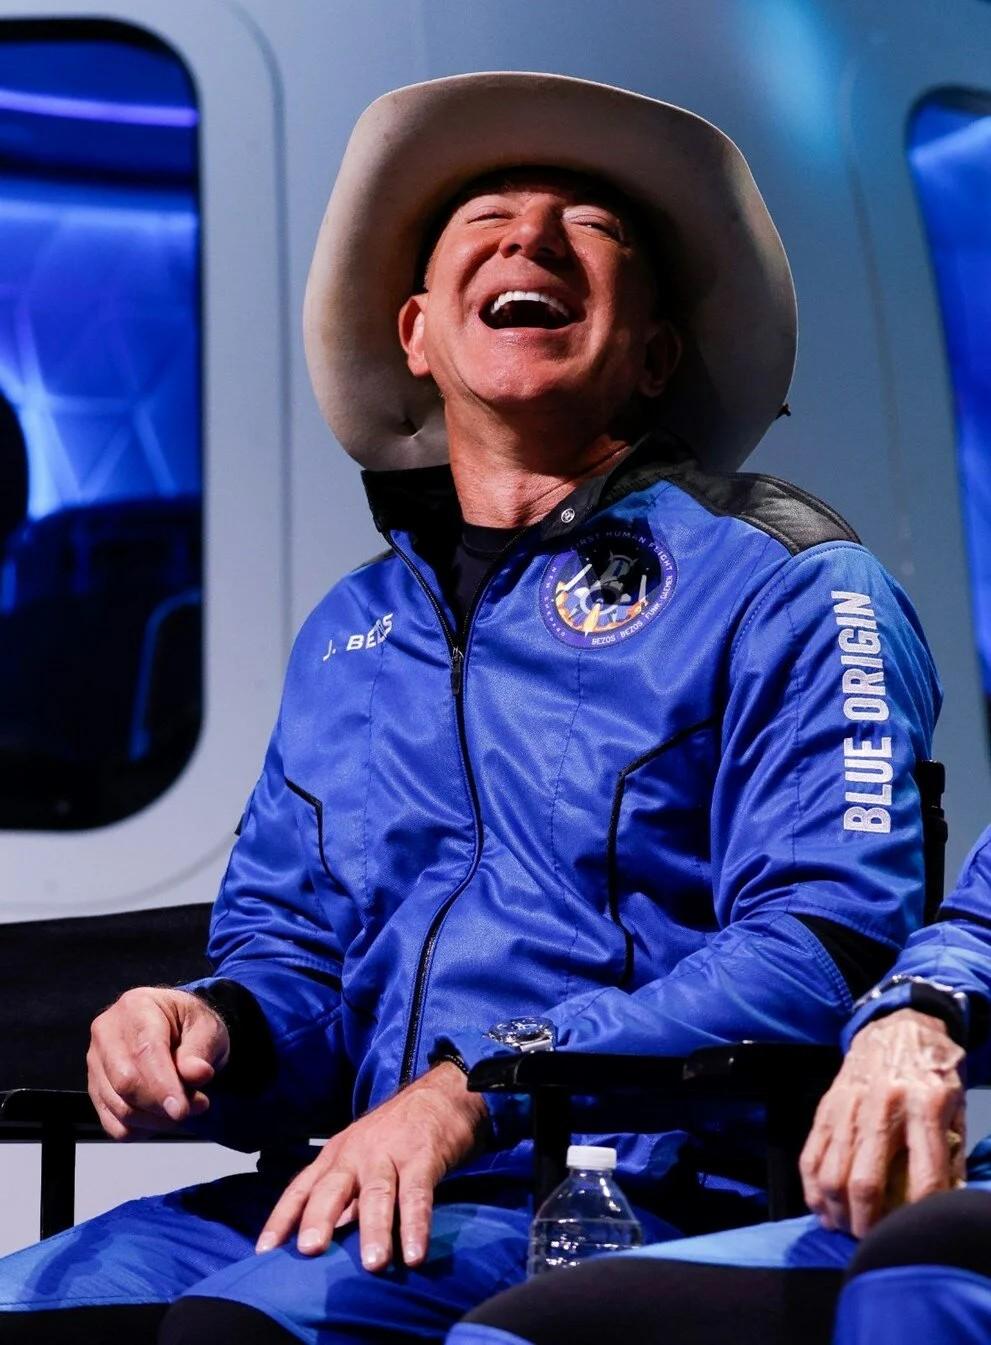 Jeff Bezos'tan Elon Musk ile sözleşme yapan NASA'ya 2 milyar dolarlık teklif